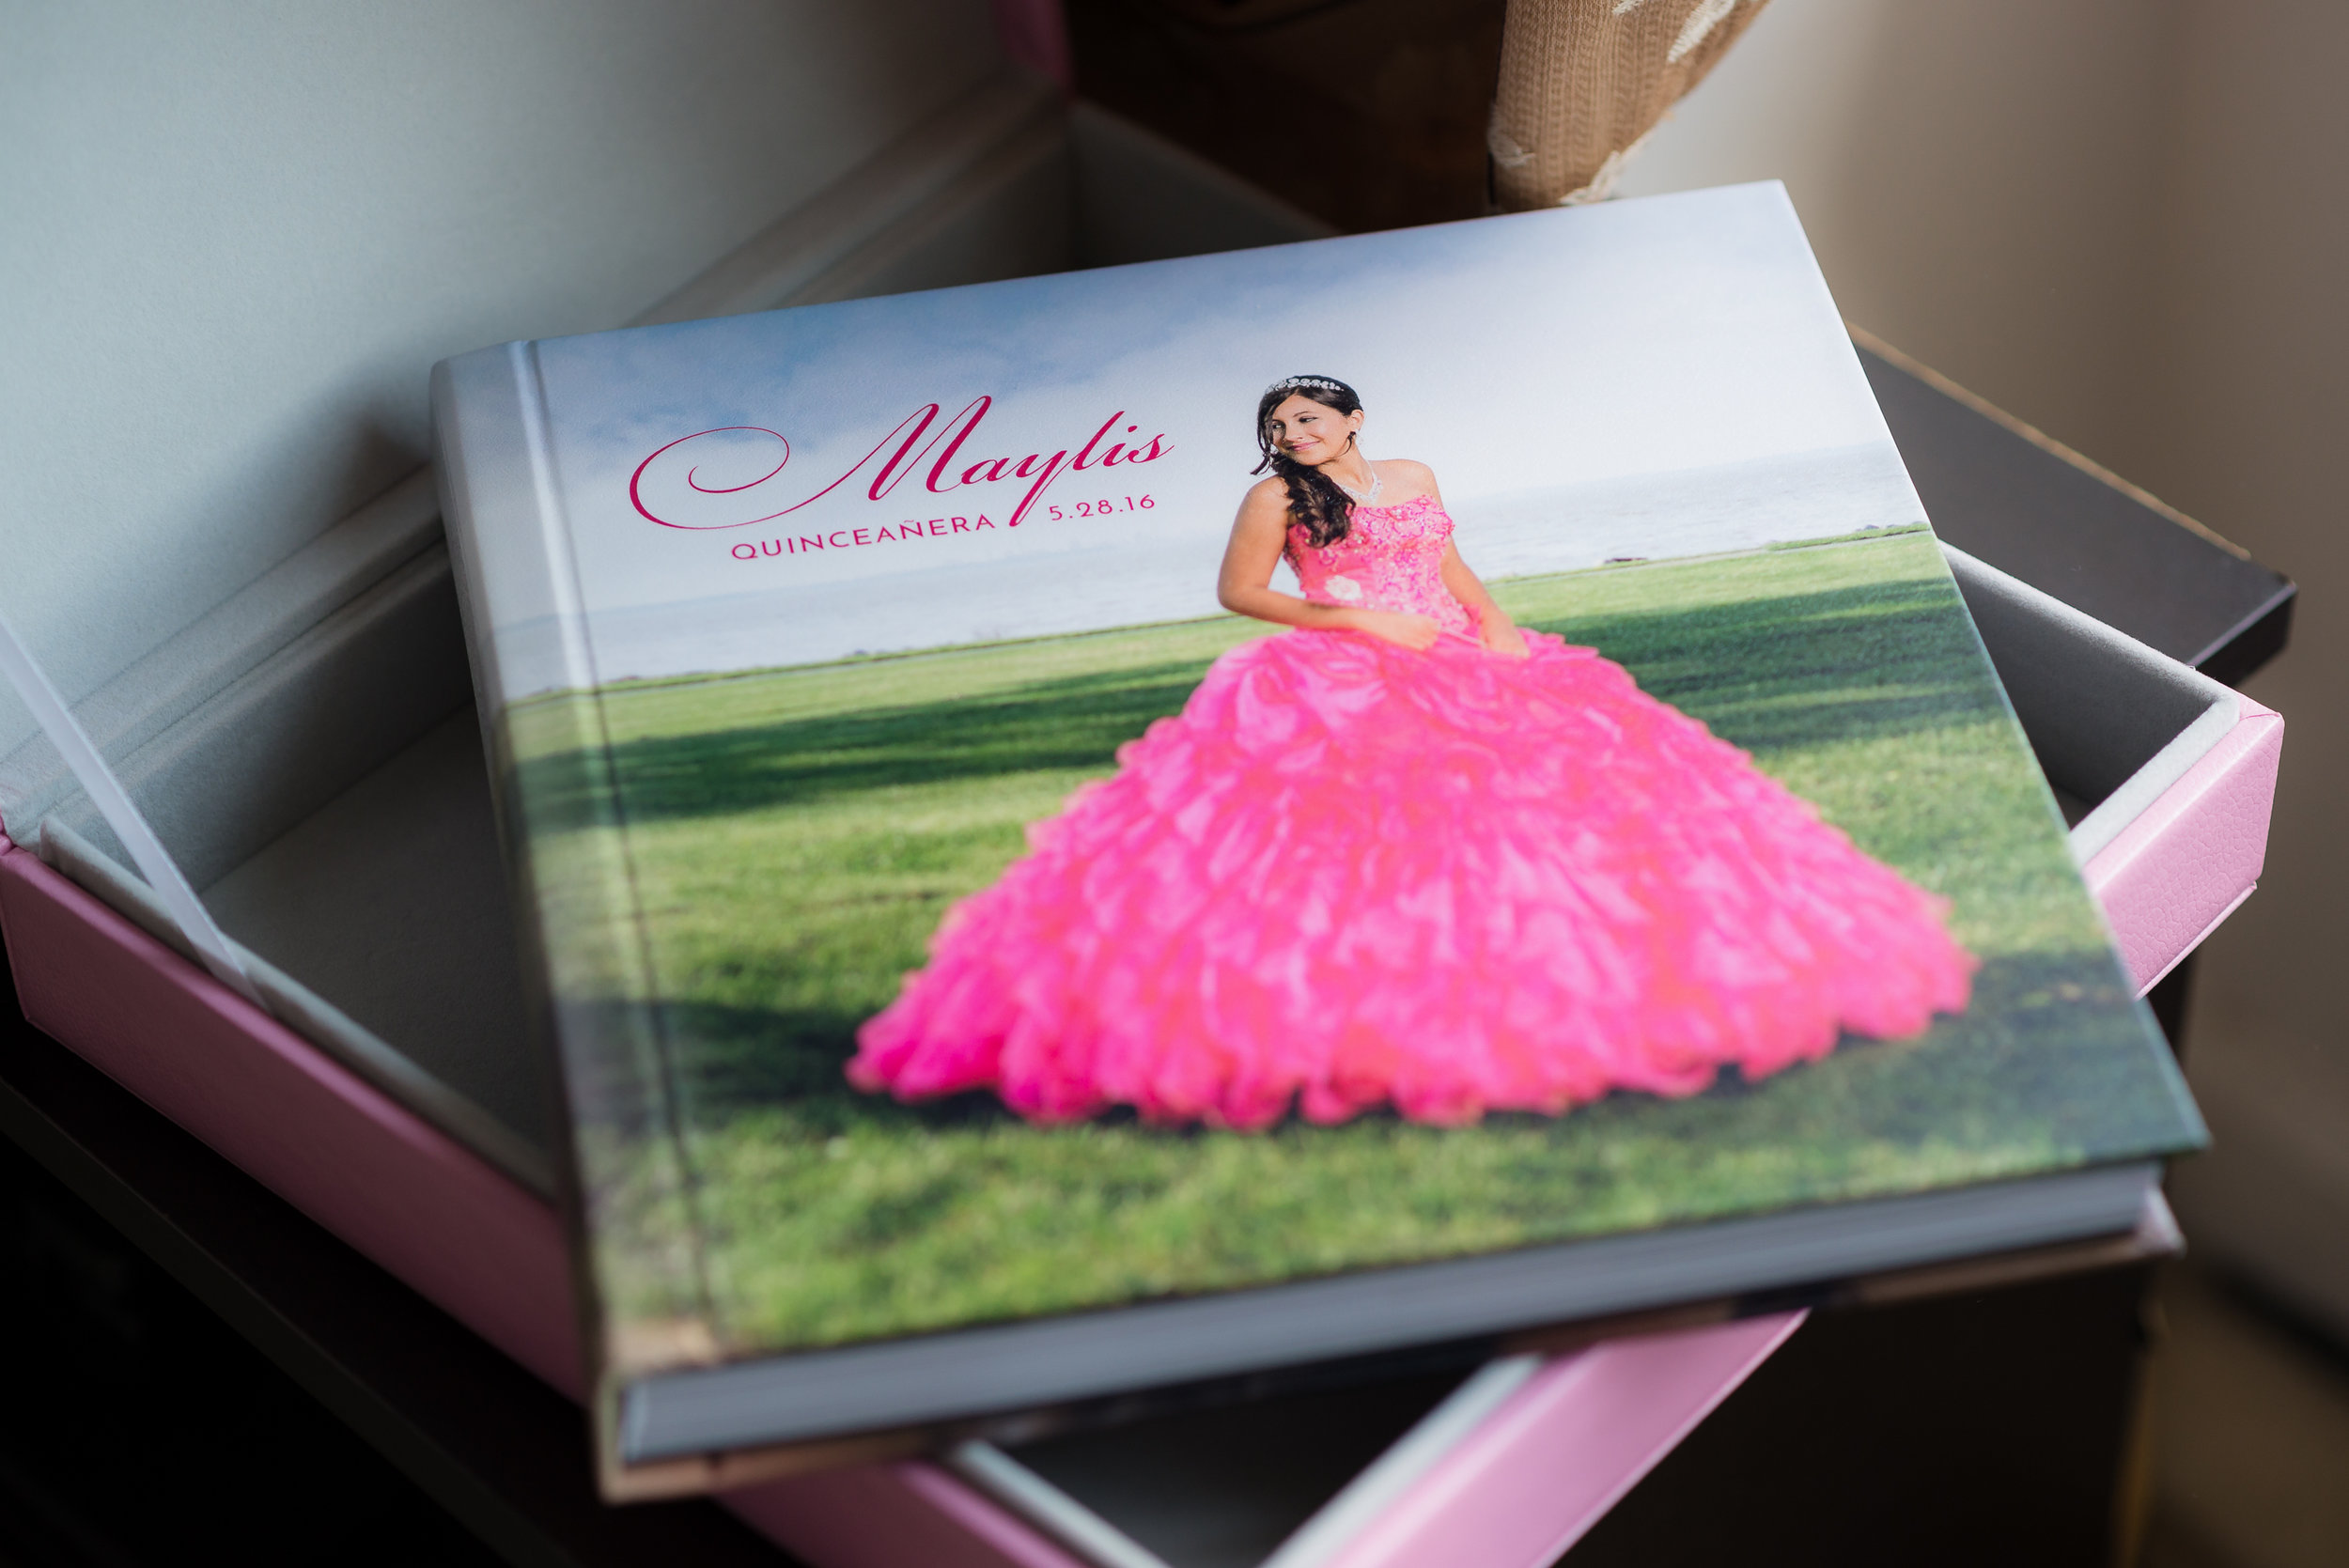 Álbumes diseñados y hechos especialmente para su quinceañera por Garcia Photography.